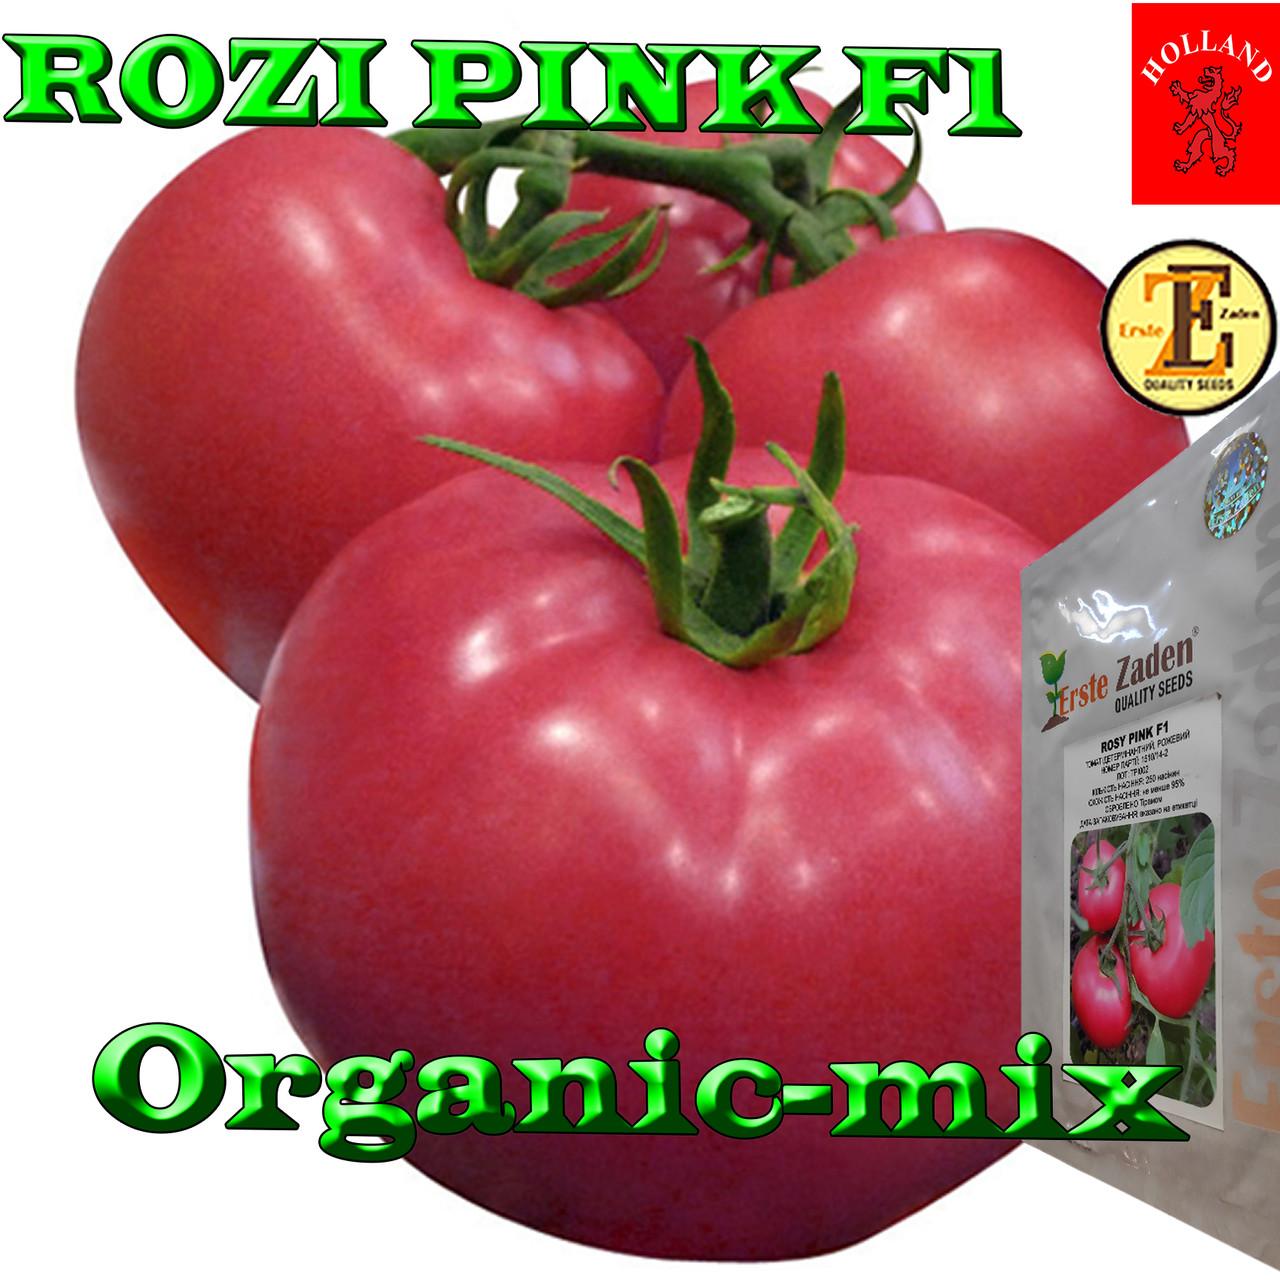 Семена, высокорослый, ранний, розовый томат РОЗИ ПИНК F1 / ROZI PINK F1, 250 семян, ТМ Erste Zaden